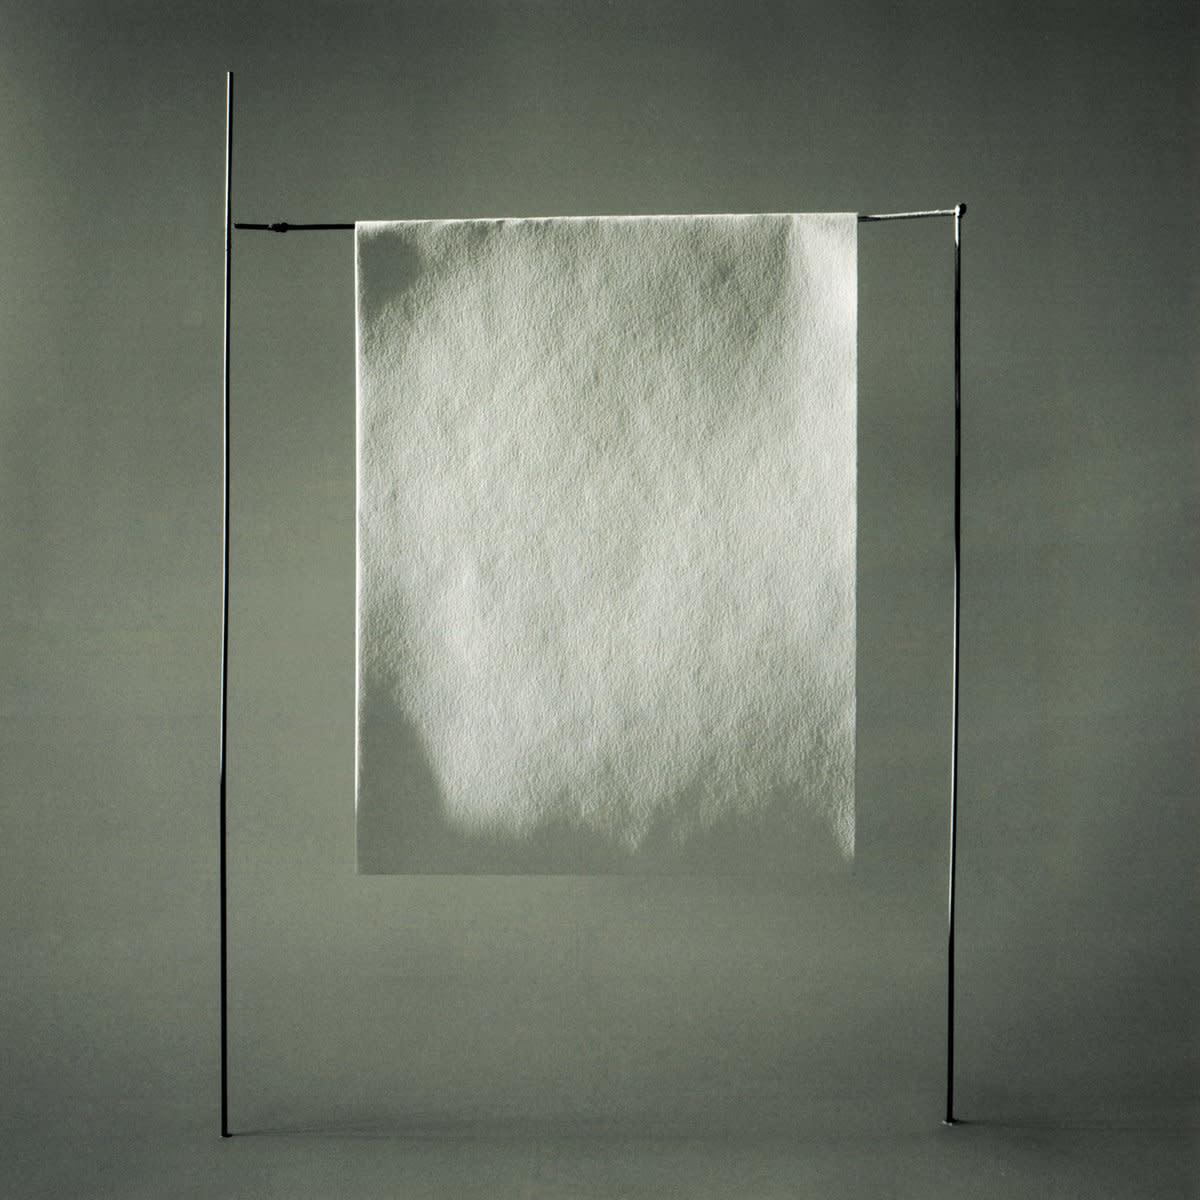 130701 Sylvain Chauveau - Simple